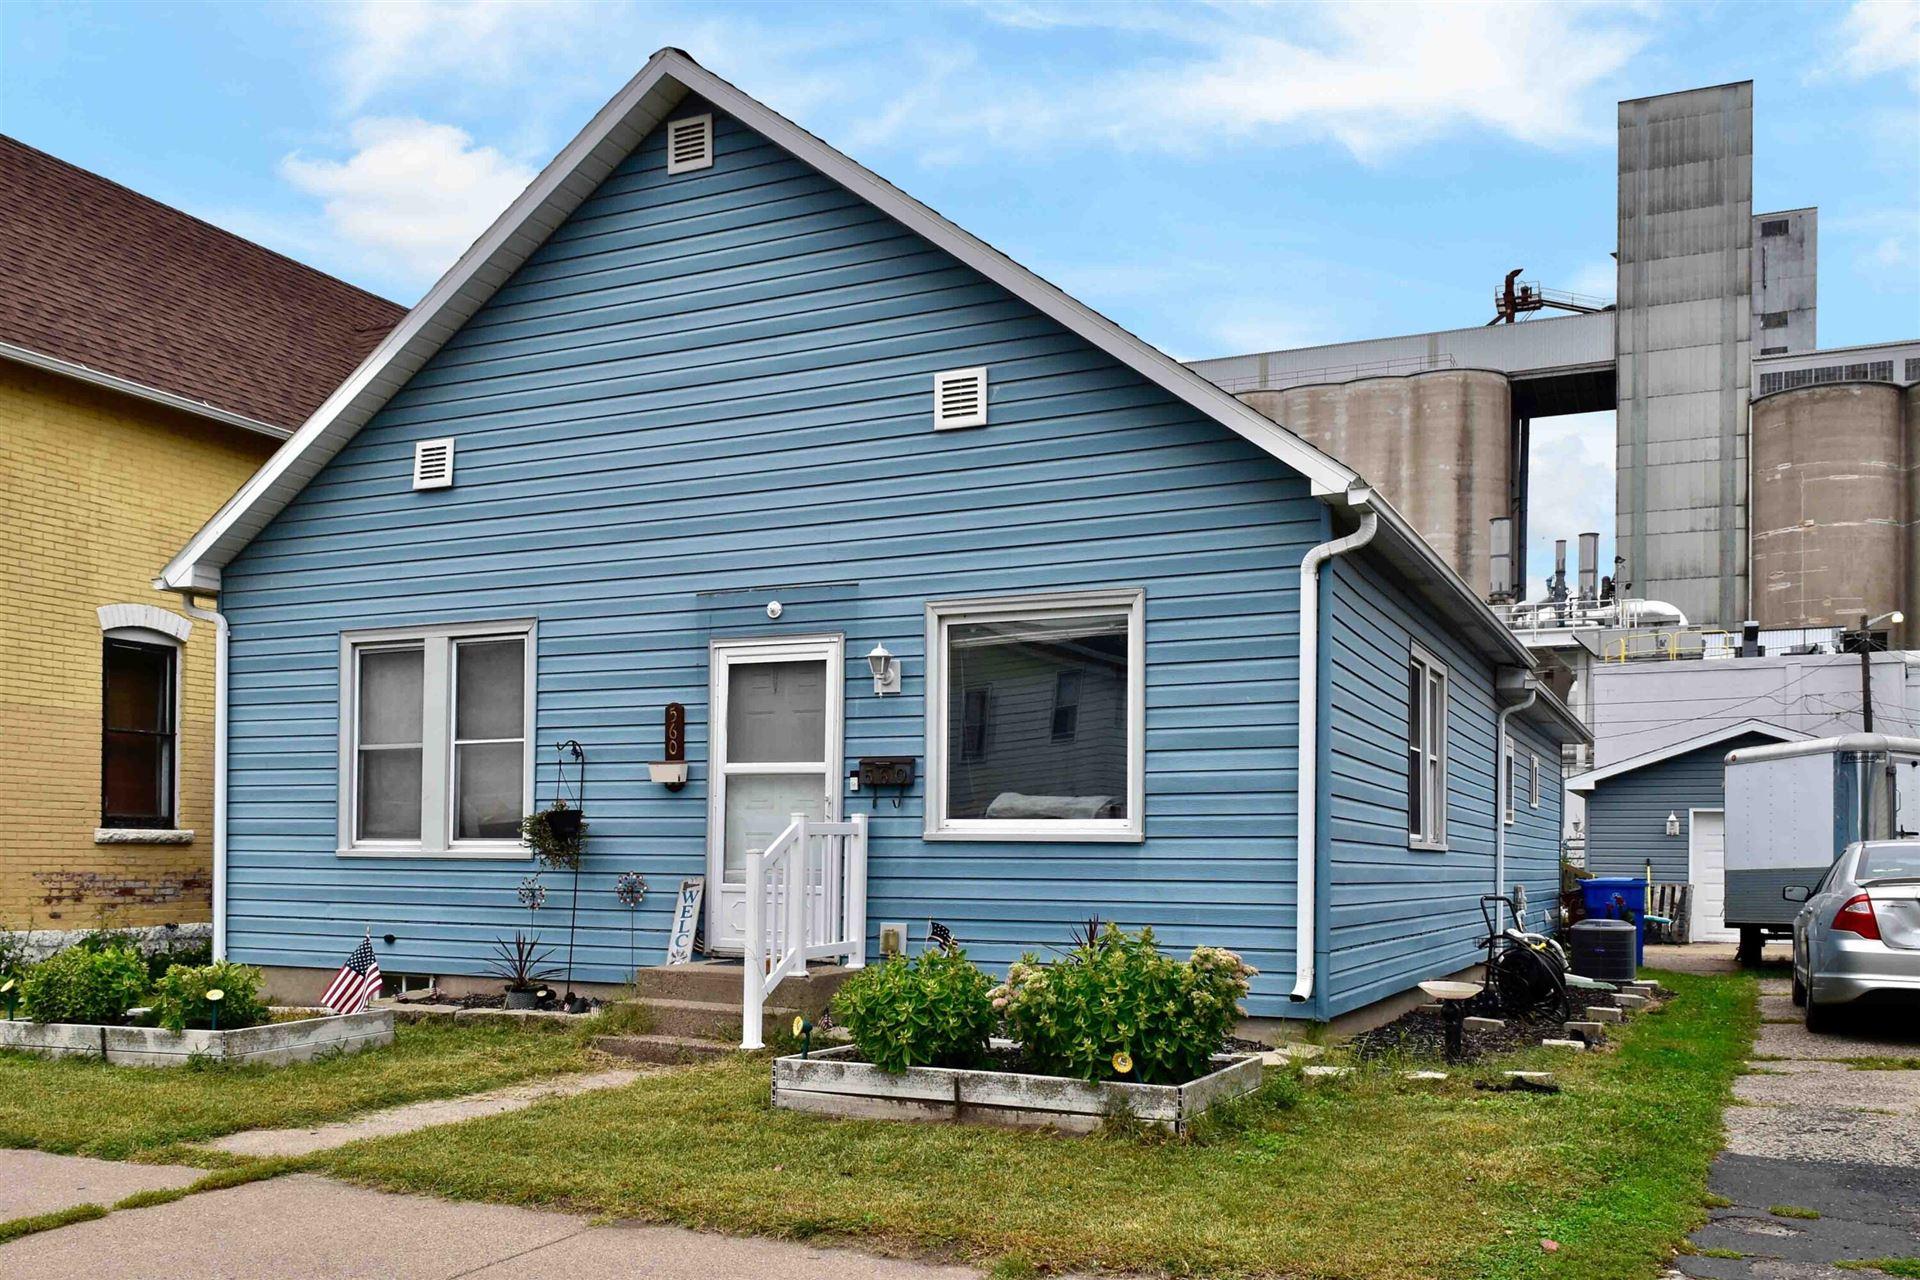 560 4th St W, Winona, MN 55987 - MLS#: 1763197